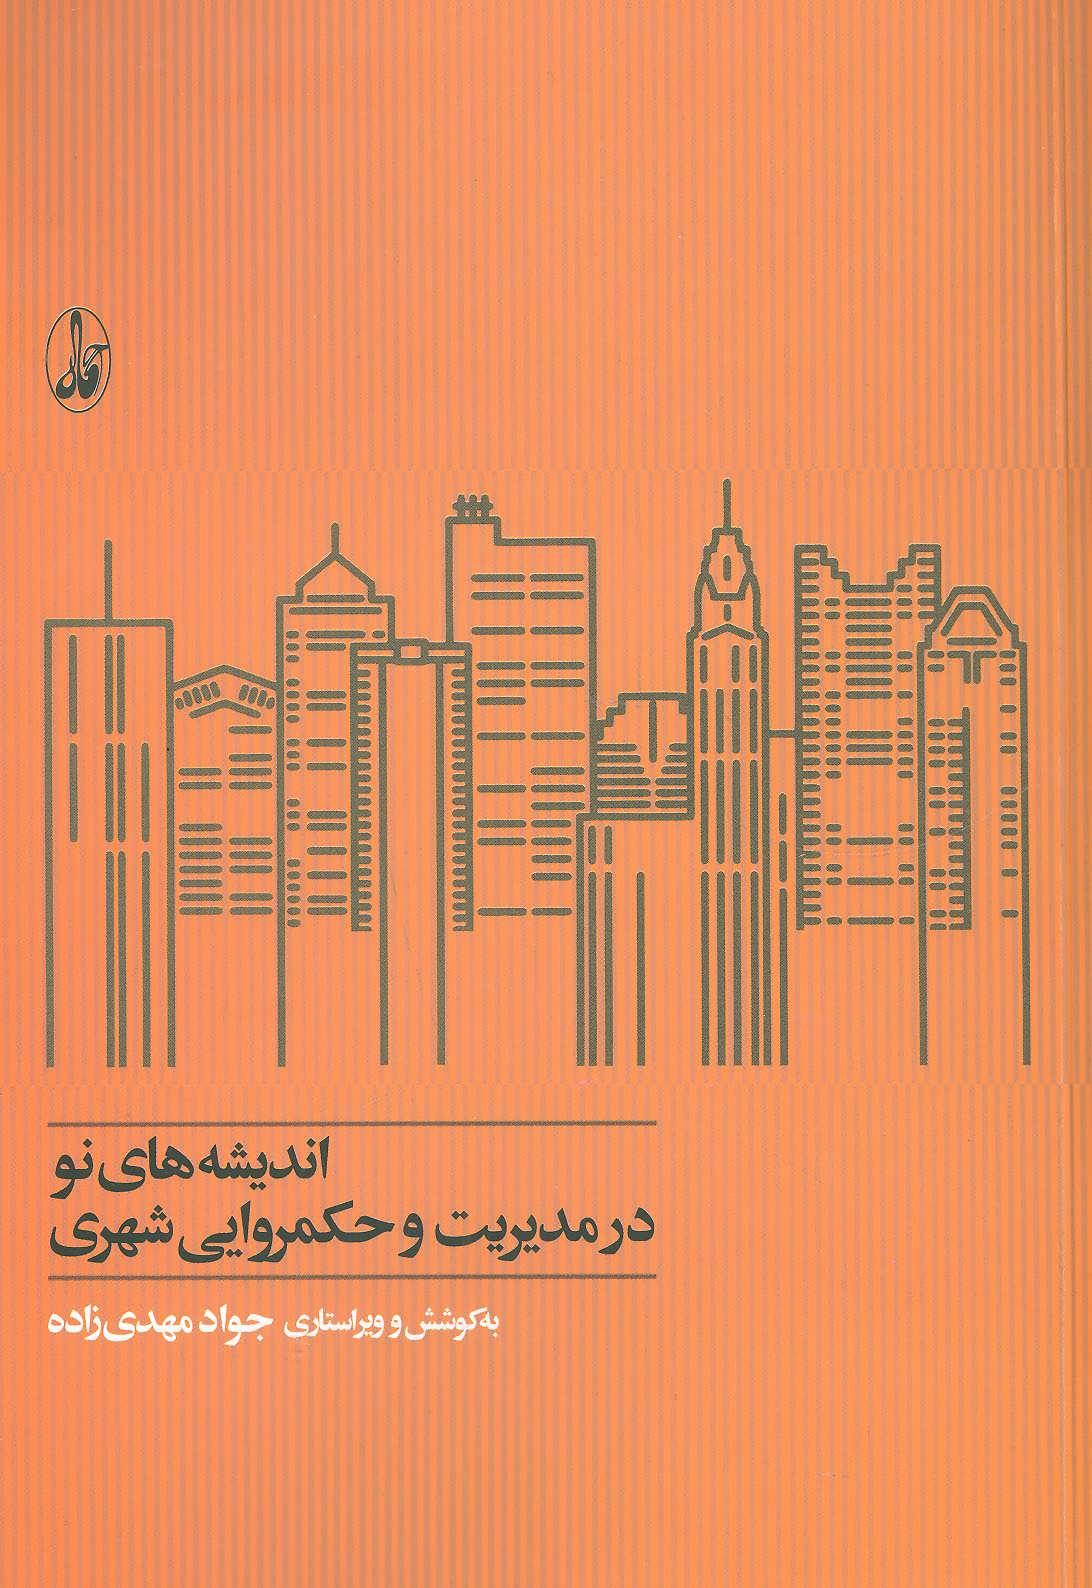 اندیشه های نو در مدیریت و حکمروایی شهری